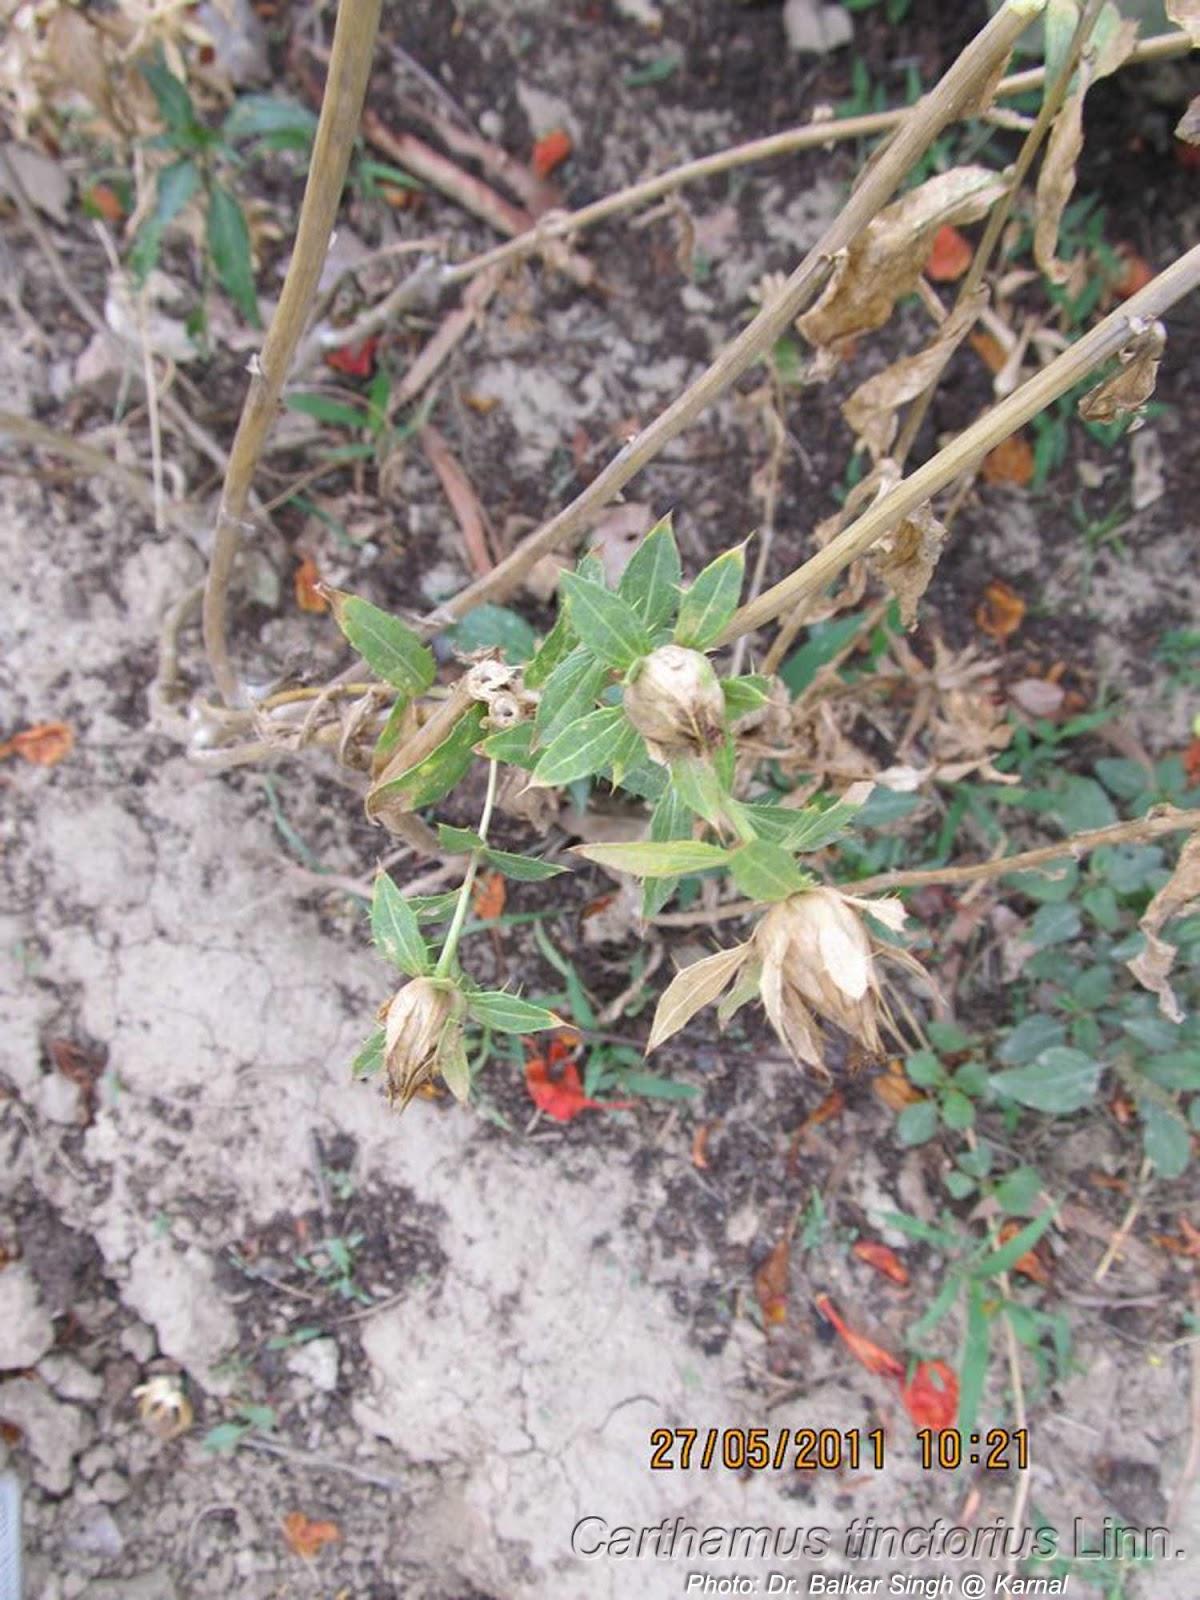 Carthamus Tinctorius Safflower: Medicinal Plants: Carthamus Tinctorius Kardi Kusumalu